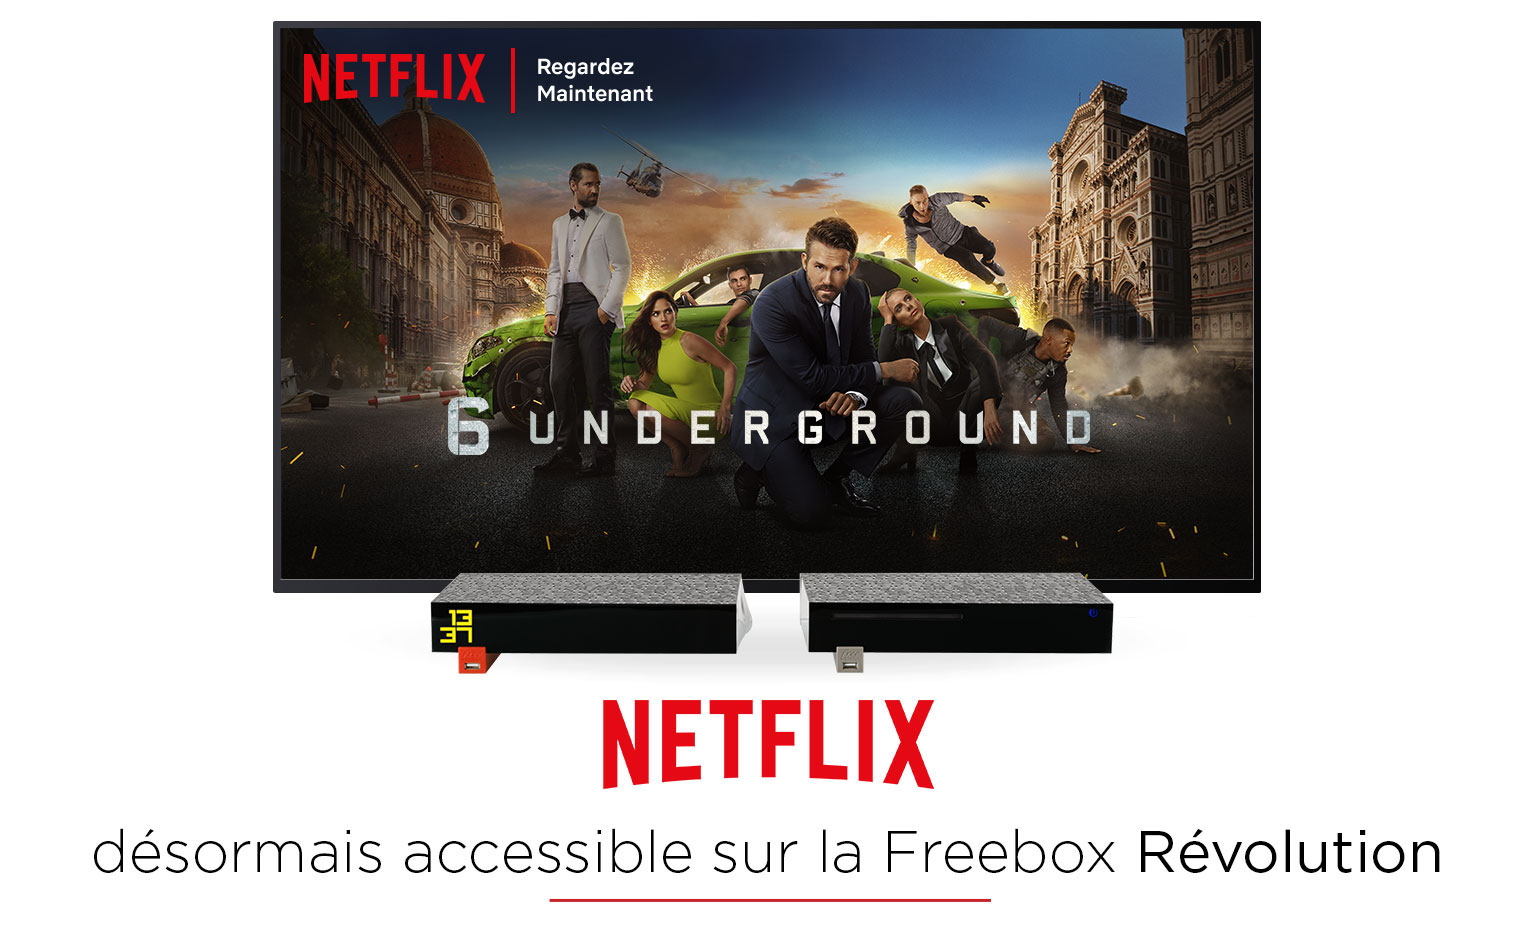 Netflix désormais accessible sur la Freebox Révolution